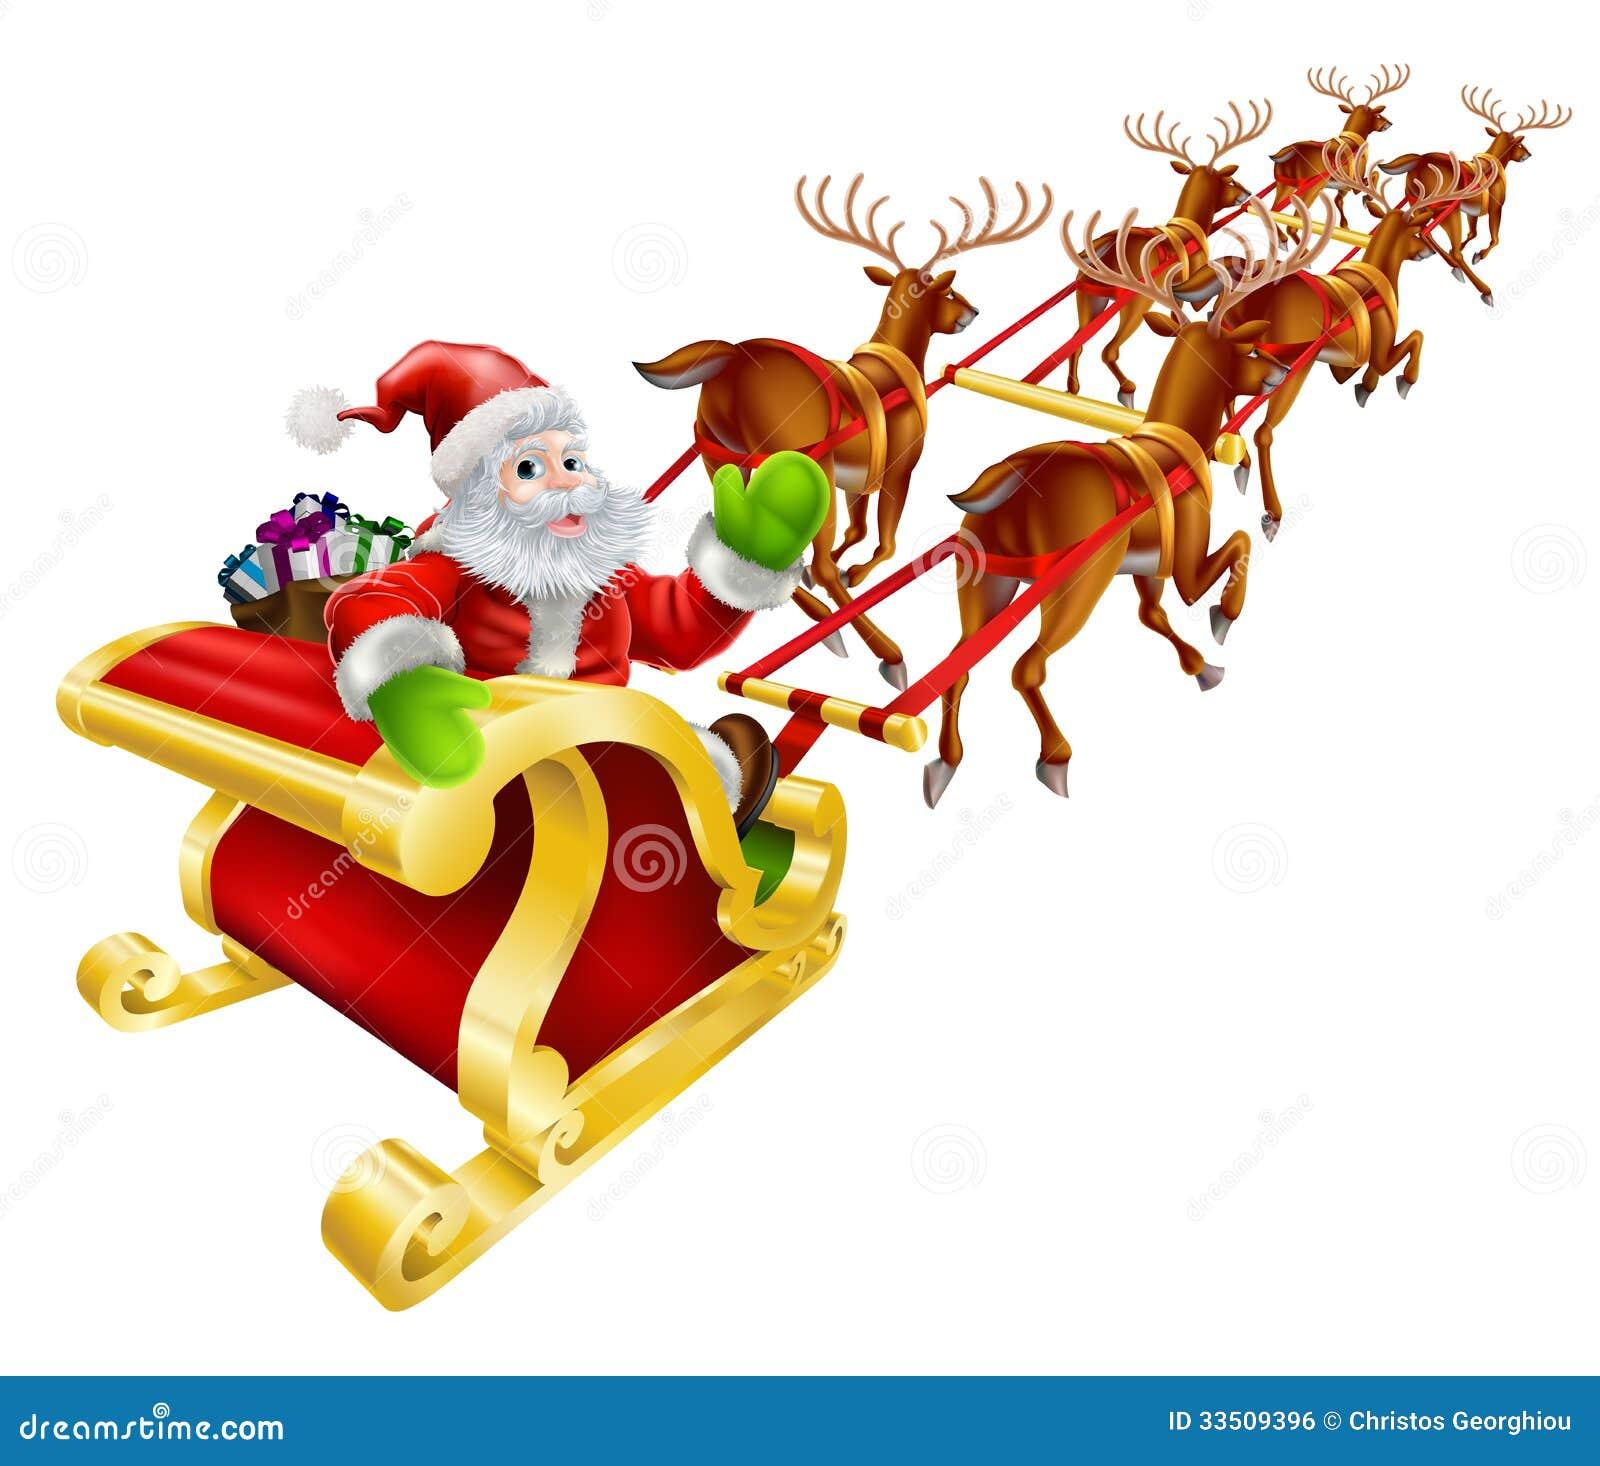 weihnachts santa claus fliegen im pferdeschlitten. Black Bedroom Furniture Sets. Home Design Ideas